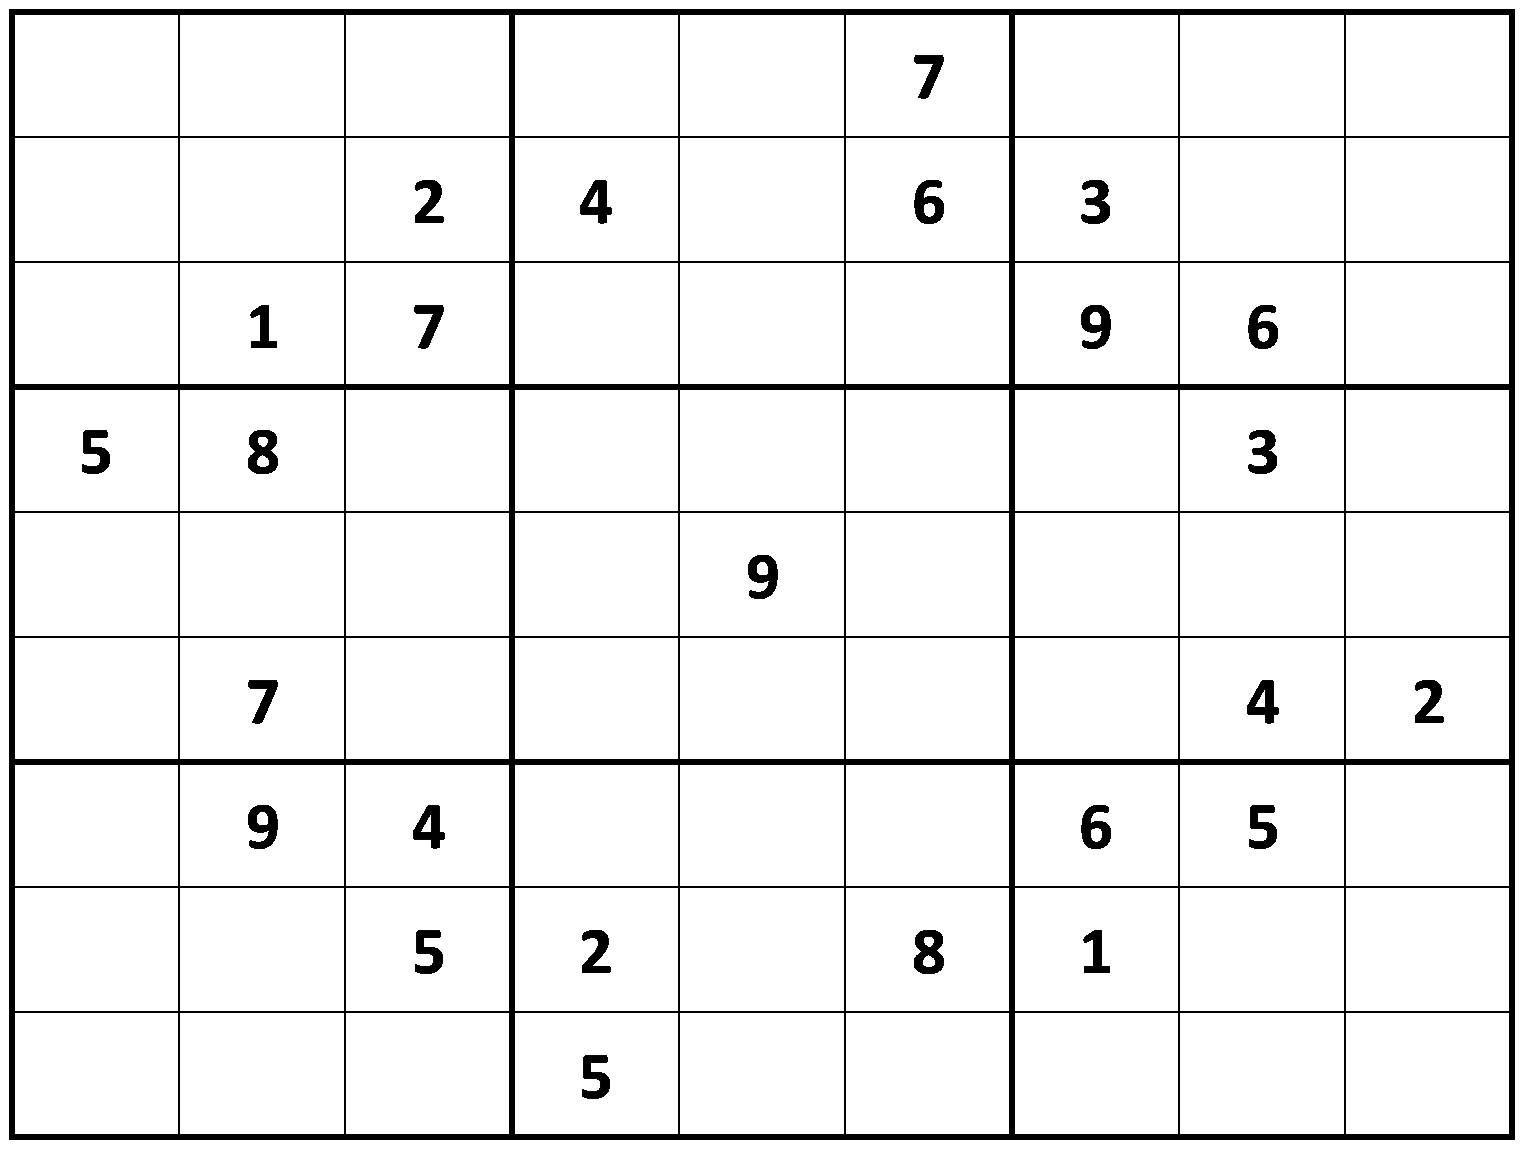 Printable Hard Sudoku | Printable - Difficult Sudoku Puzzles - Printable Sudoku Puzzles Very Hard